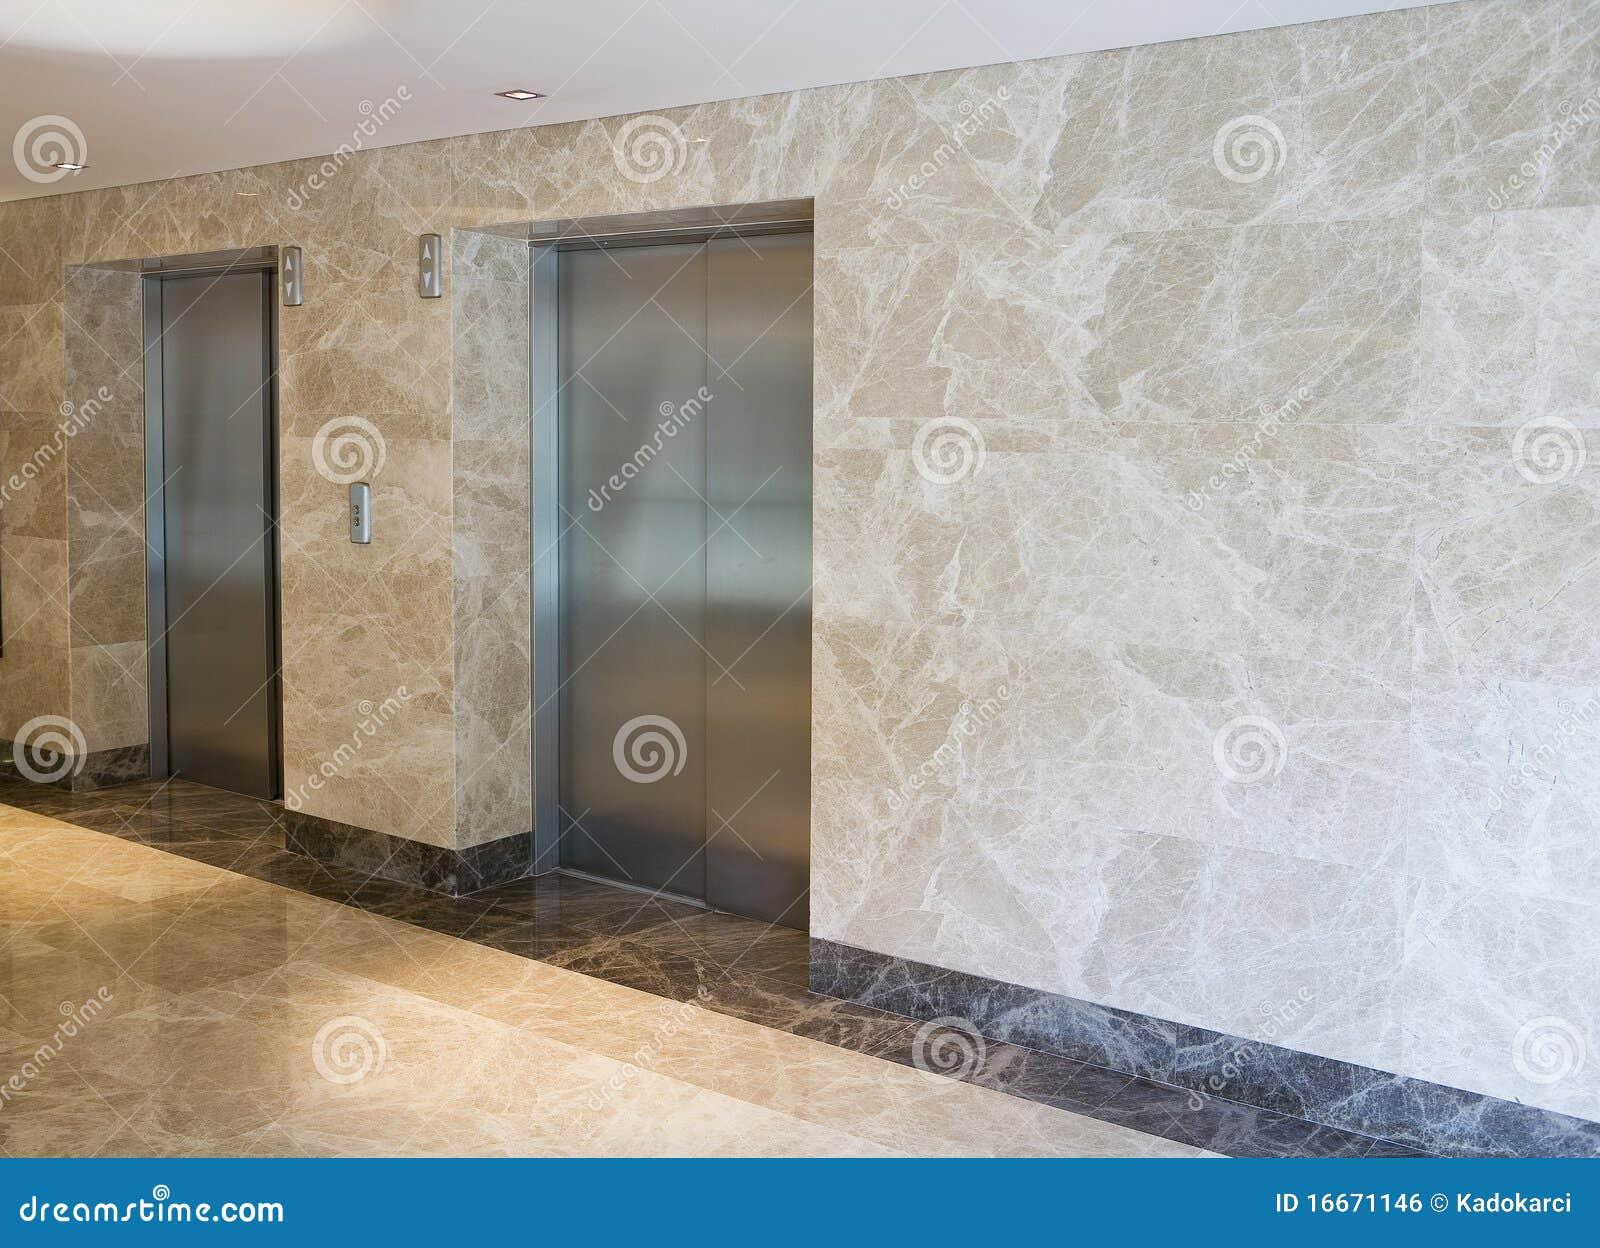 Elevator Stock Photo Image Of Machinery Machine Hotel